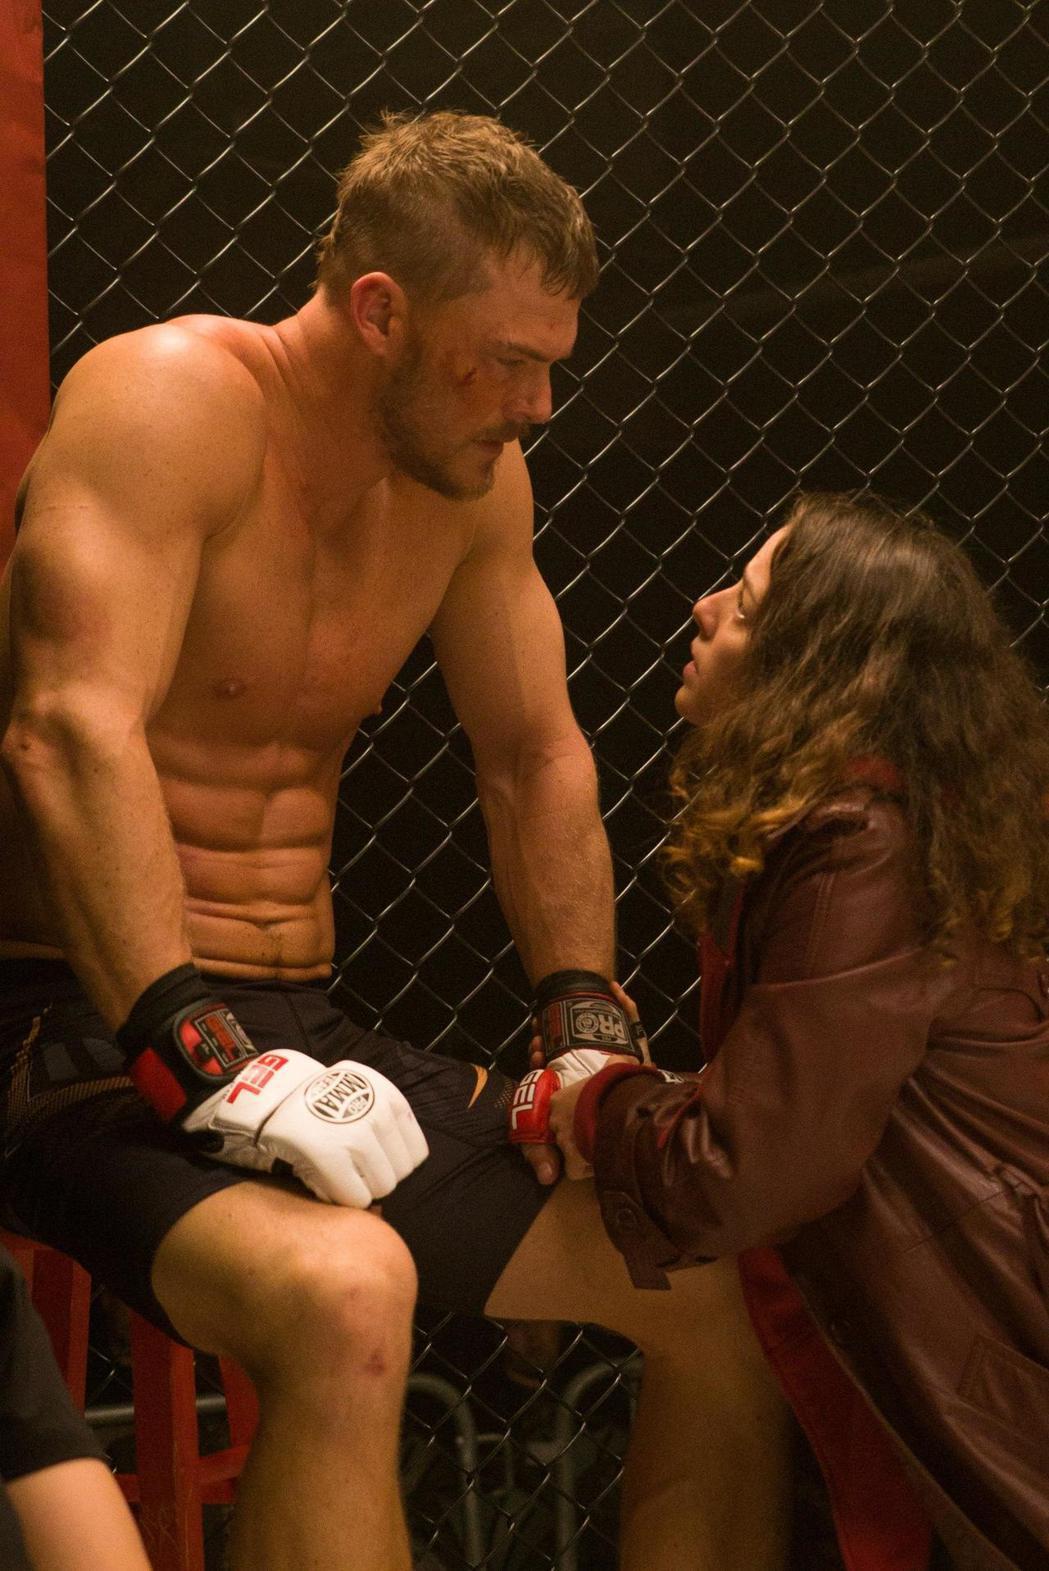 亞倫瑞奇森在「隱形情人」扮演格鬥拳手,藉情節需要大秀體格。圖/威視提供